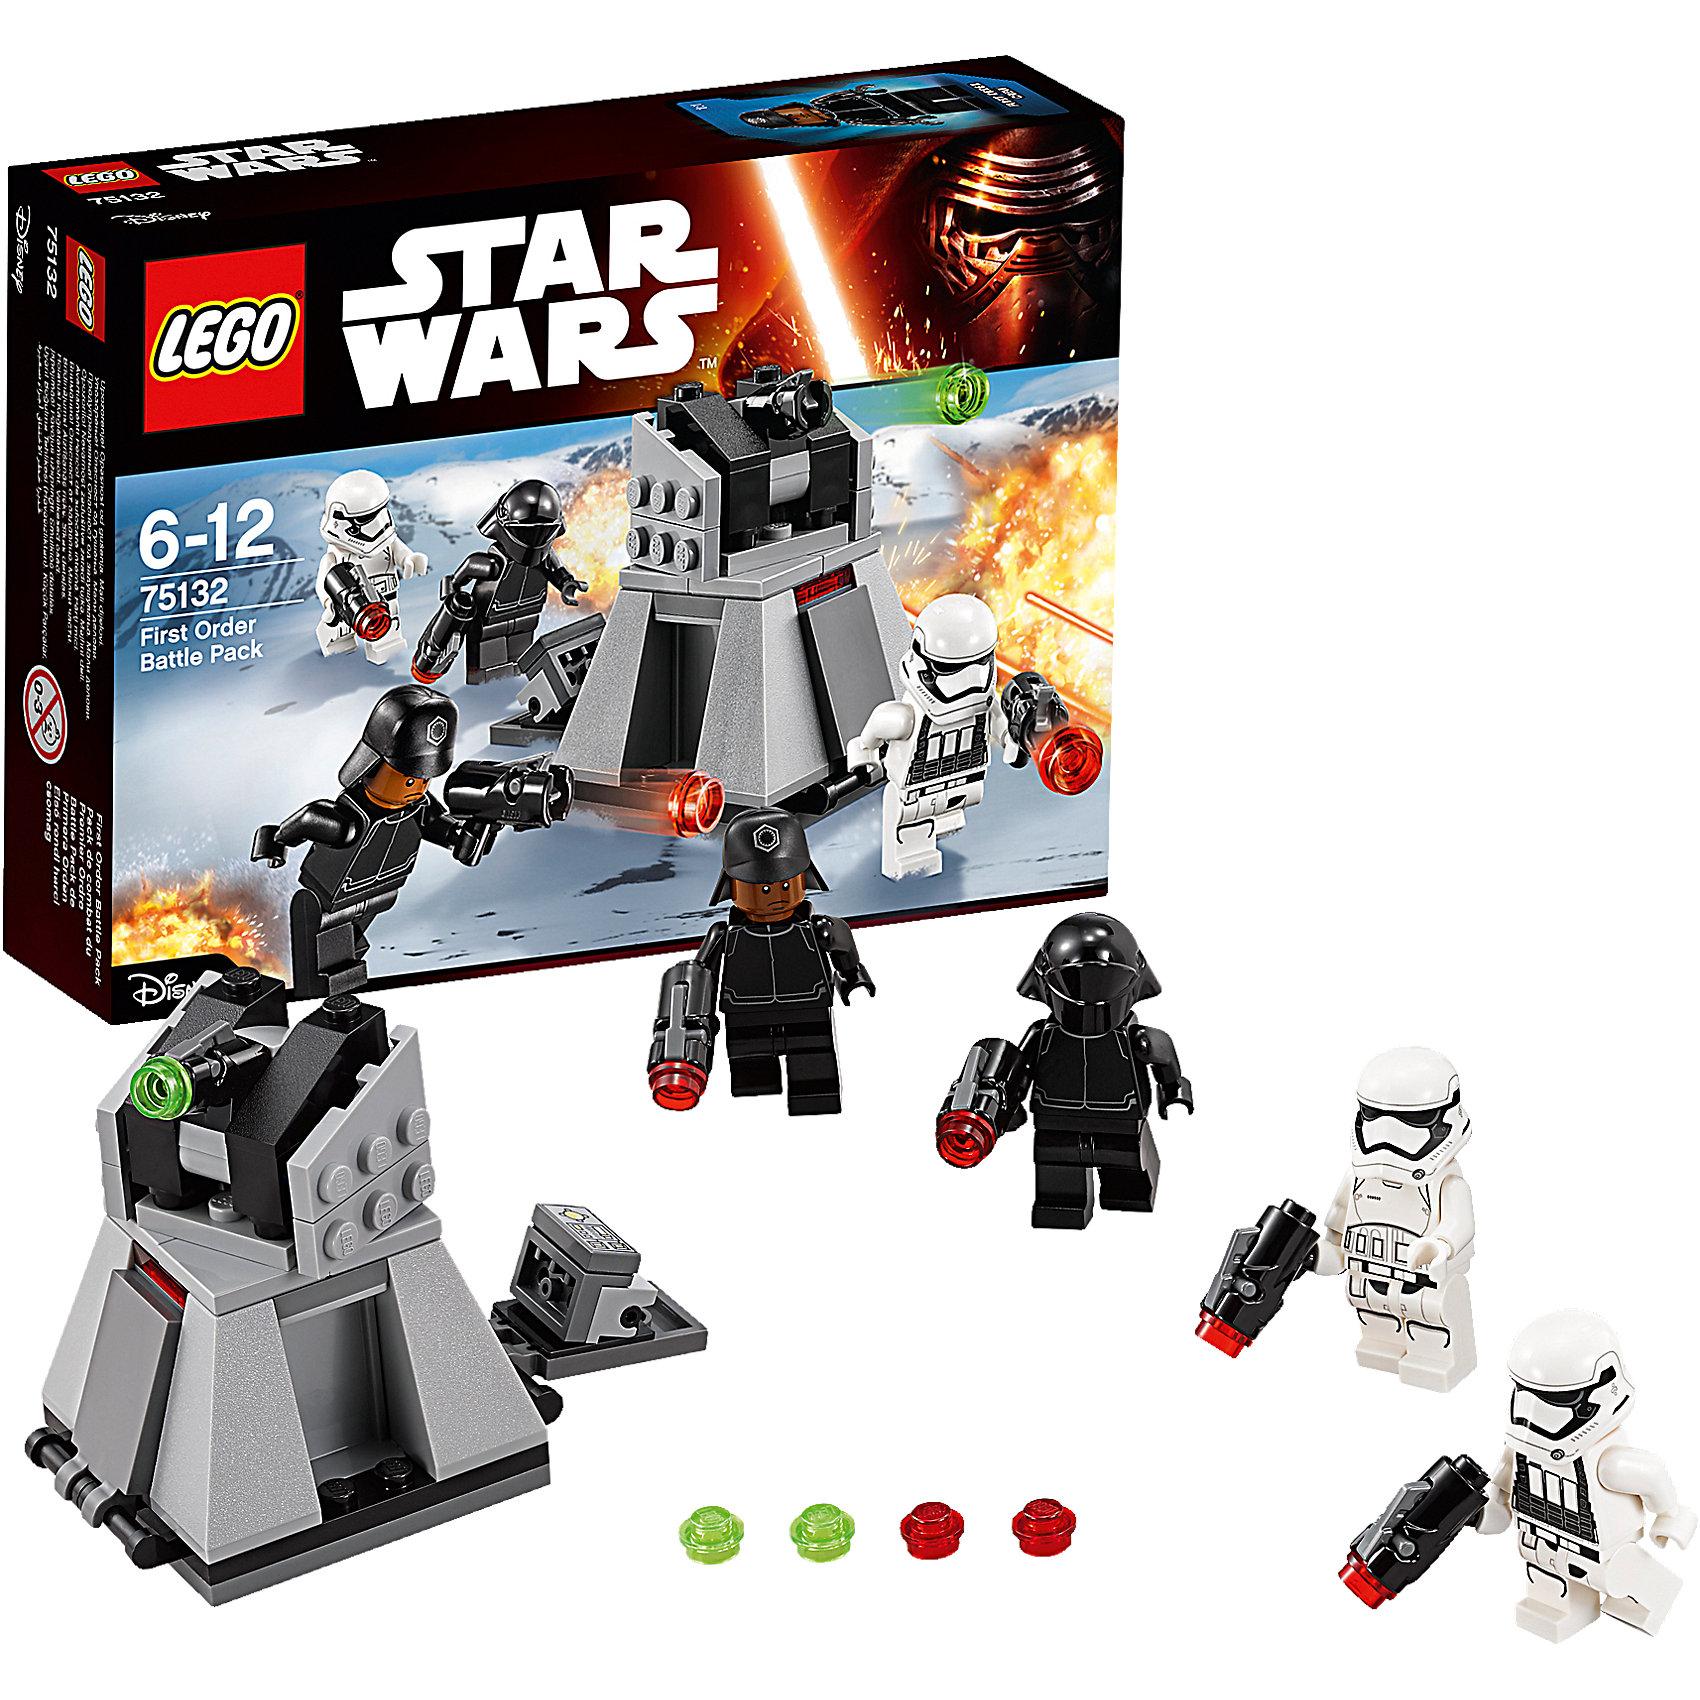 LEGO Star Wars 75132: Боевой набор Первого ОрденаИгрушки<br>LEGO Star Wars (ЛЕГО Звездные войны) 75132: Боевой набор первого ордена станет прекрасным подарком для всех поклонников знаменитой киносаги. Воссоздай захватывающие сцены из 7 эпизода Звездные Войны. Пробуждение Силы и устрой грандиозное сражение между силами Первого Ордена и бойцами Сопротивления. В комплекте Вы найдете все необходимые детали для сборки мощного турболазера - эффективного средства, которое часто использовал Первый Орден для борьбы с вражеской пехотой. Модель напоминает трапециевидную платформу и состоит из серых и черных деталей. На верхней части платформы расположена вращающаяся башня с пушкой, ведущей обстрел  не только наземной техники, но и низколетящих истребителей Сопротивления. У основания имеются отсеки, которые открываются, предоставляя доступ к боеприпасам и панели управления турболазером. В комплект входят четыре минифигурки солдат Первого Ордена с оружием. <br><br>Все конструкторы серии ЛЕГО Звездные войны созданы по мотивам знаменитой киносаги Звездные войны и воспроизводят самые популярные сюжеты и эпизоды фильма. В наборах представлены все основные средства вооружения и боевые единицы, задействованные в фильме.<br>Фантастические истребители, машины, роботы, оружие, фигурки персонажей выполнены очень реалистично, с высокой степенью детализации.<br><br>Дополнительная информация:<br><br>- Игра с конструктором LEGO (ЛЕГО) развивает мелкую моторику ребенка, фантазию и воображение, учит его усидчивости и внимательности.<br>- Количество деталей: 88.<br>- Количество минифигур: 4.<br>- Серия: LEGO Star Wars (ЛЕГО Звездные войны).<br>- Материал: пластик.<br>- Размер упаковки: 19,5 х 4,5 х 14 см.<br>- Вес: 0,125 кг.<br><br>Конструктор LEGO Star Wars (ЛЕГО Звездные войны) 75132: Confidential Battle pack Episode 7 Villa можно купить в нашем интернет-магазине.<br><br>Ширина мм: 191<br>Глубина мм: 139<br>Высота мм: 49<br>Вес г: 115<br>Возраст от месяцев: 72<br>Возраст до месяцев: 144<br>Пол